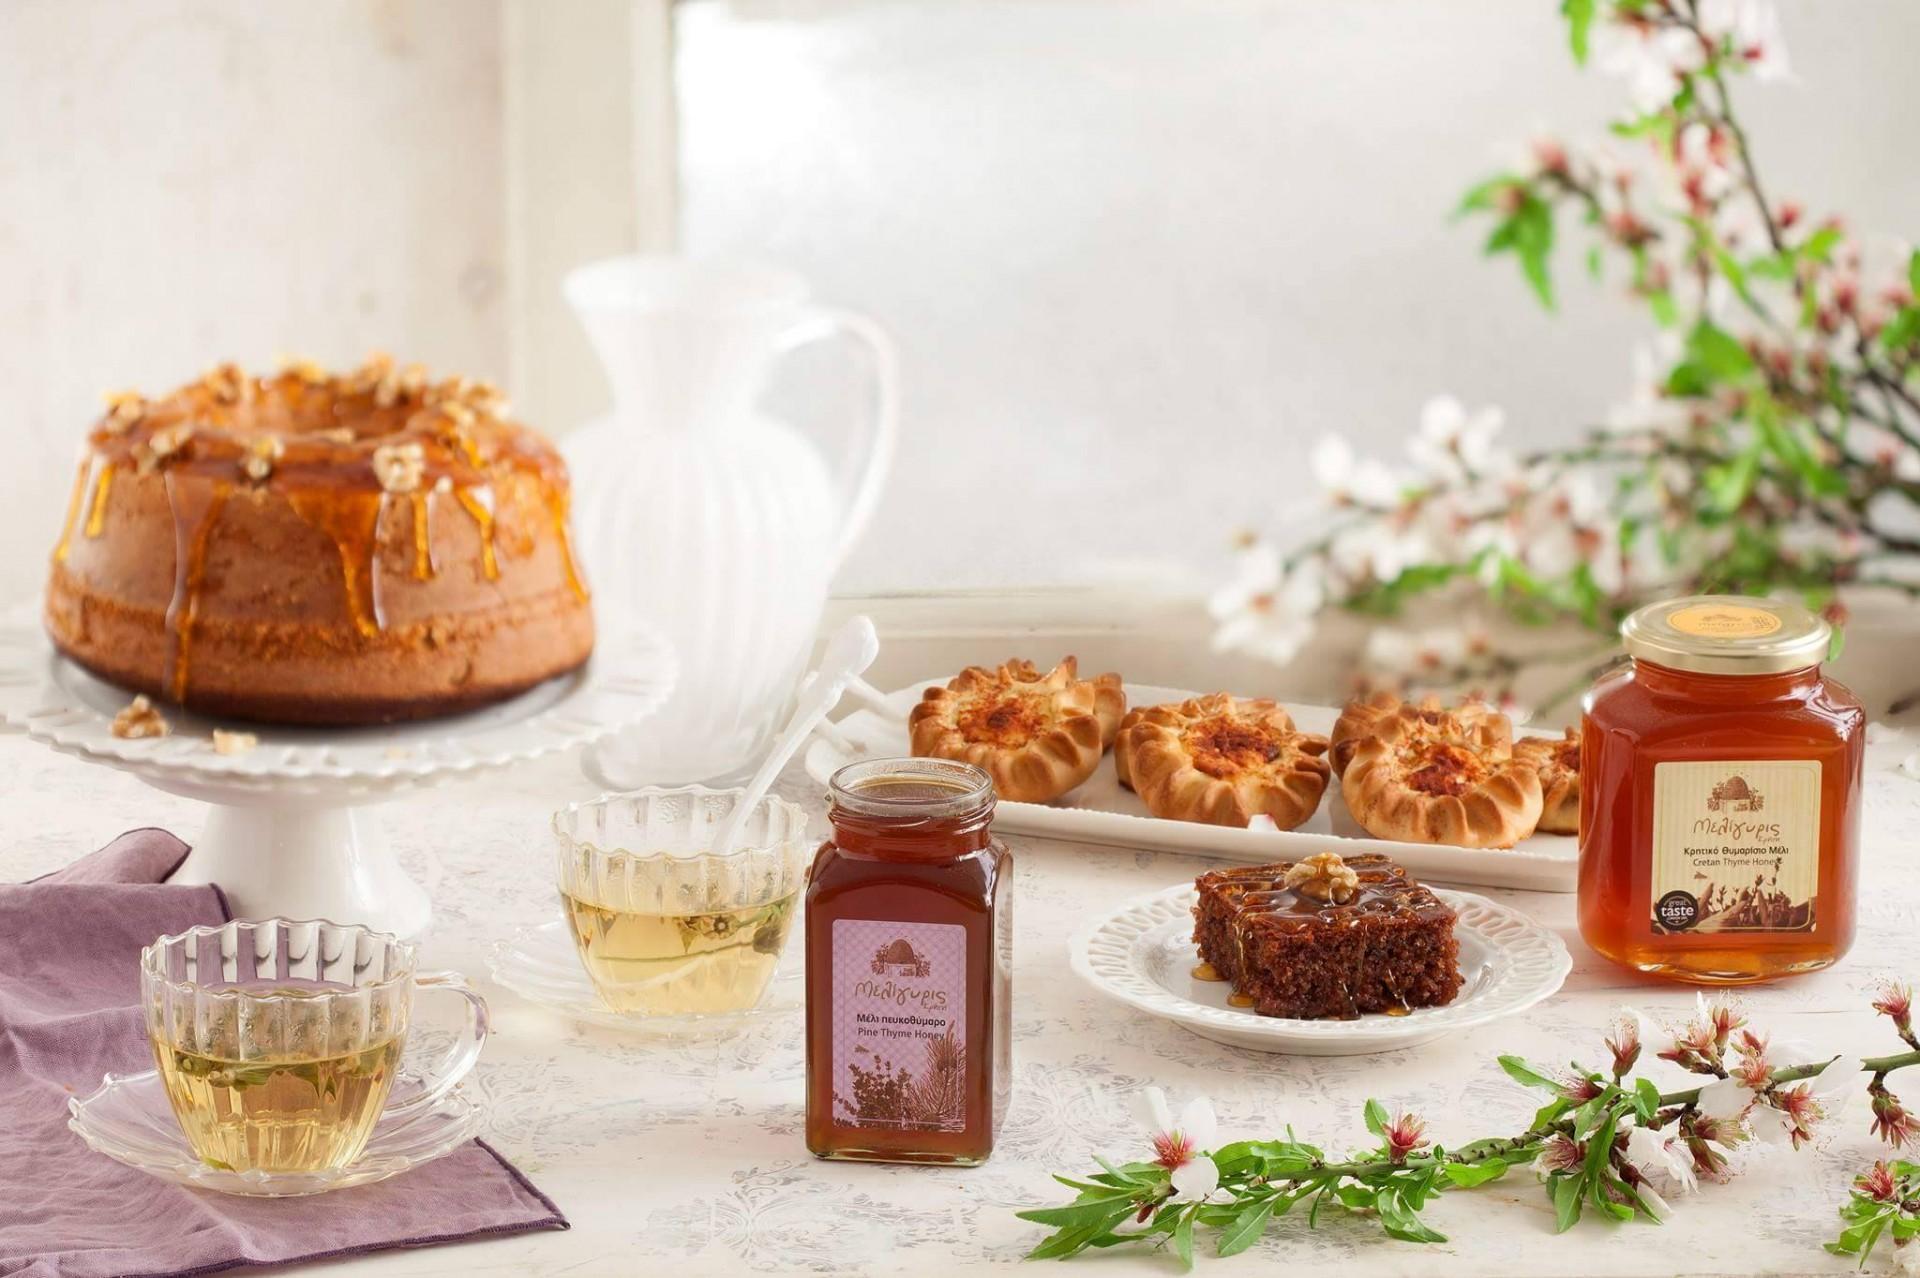 Řecký tymiánový med z Kréty